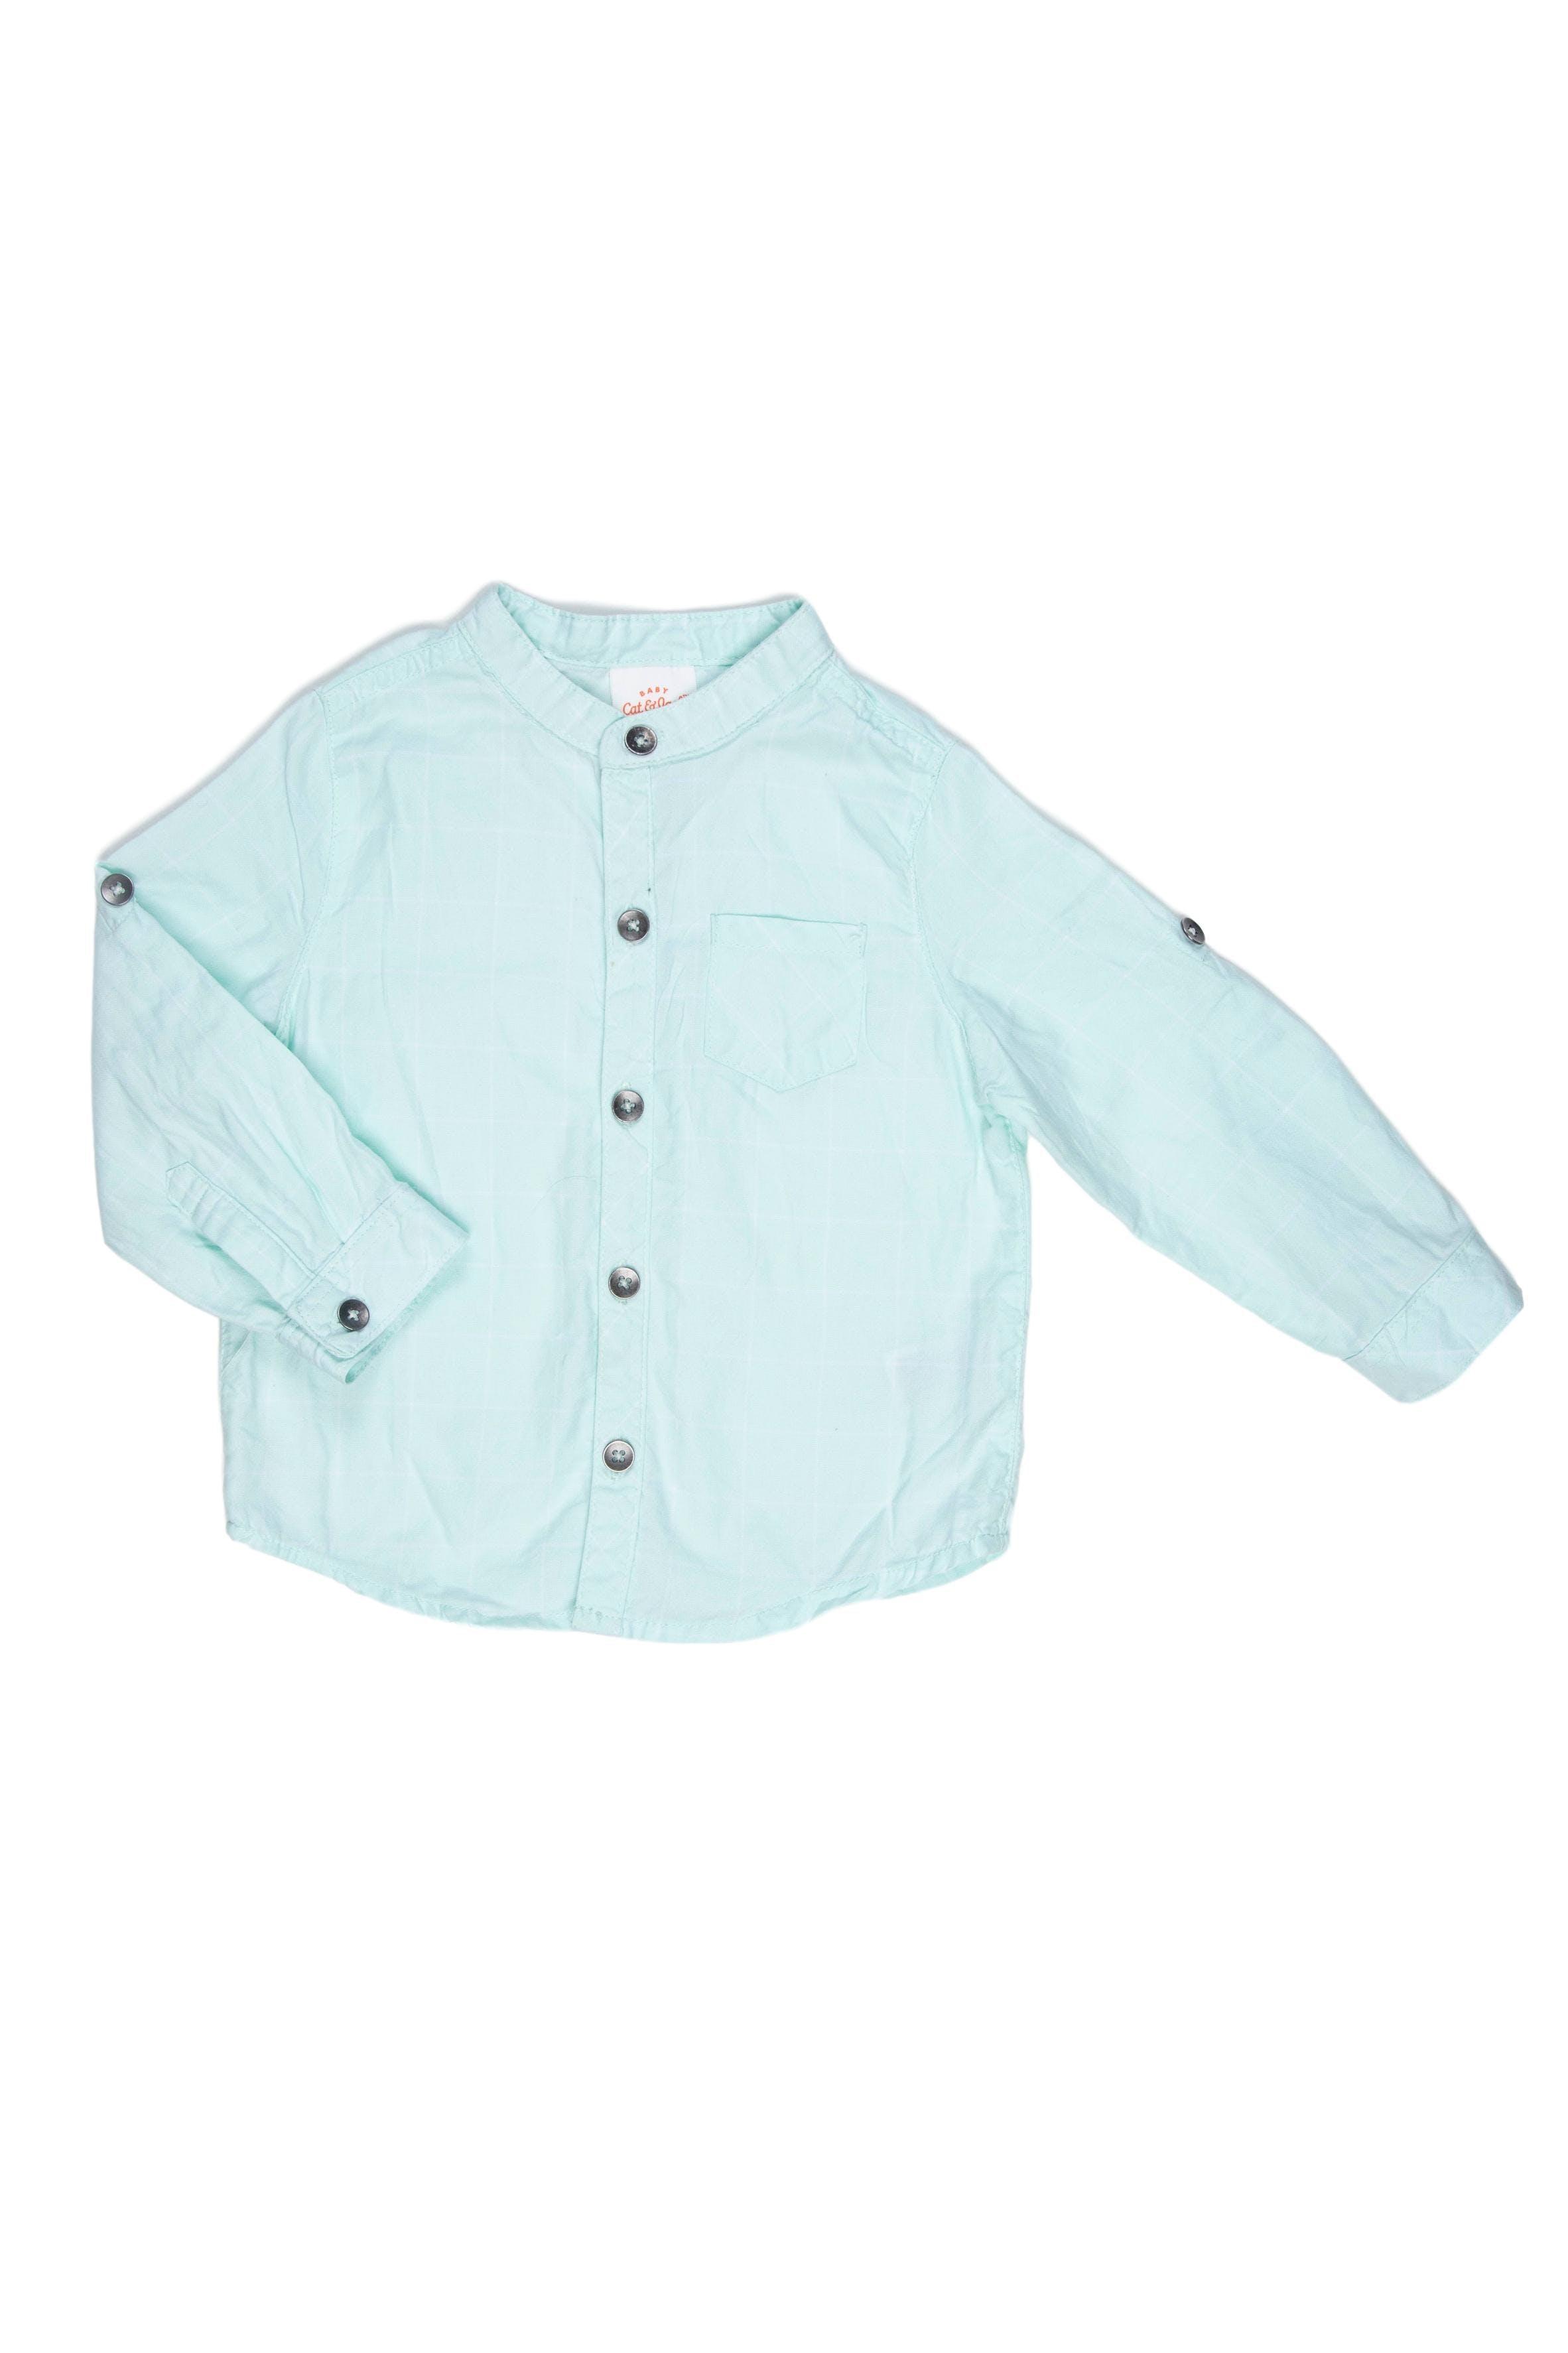 Camisa Talla 18 Meses 100% algodón. Tiene cinto en manga para remangar. Tiene un puntito en la fila de botones. - Cat & Jack